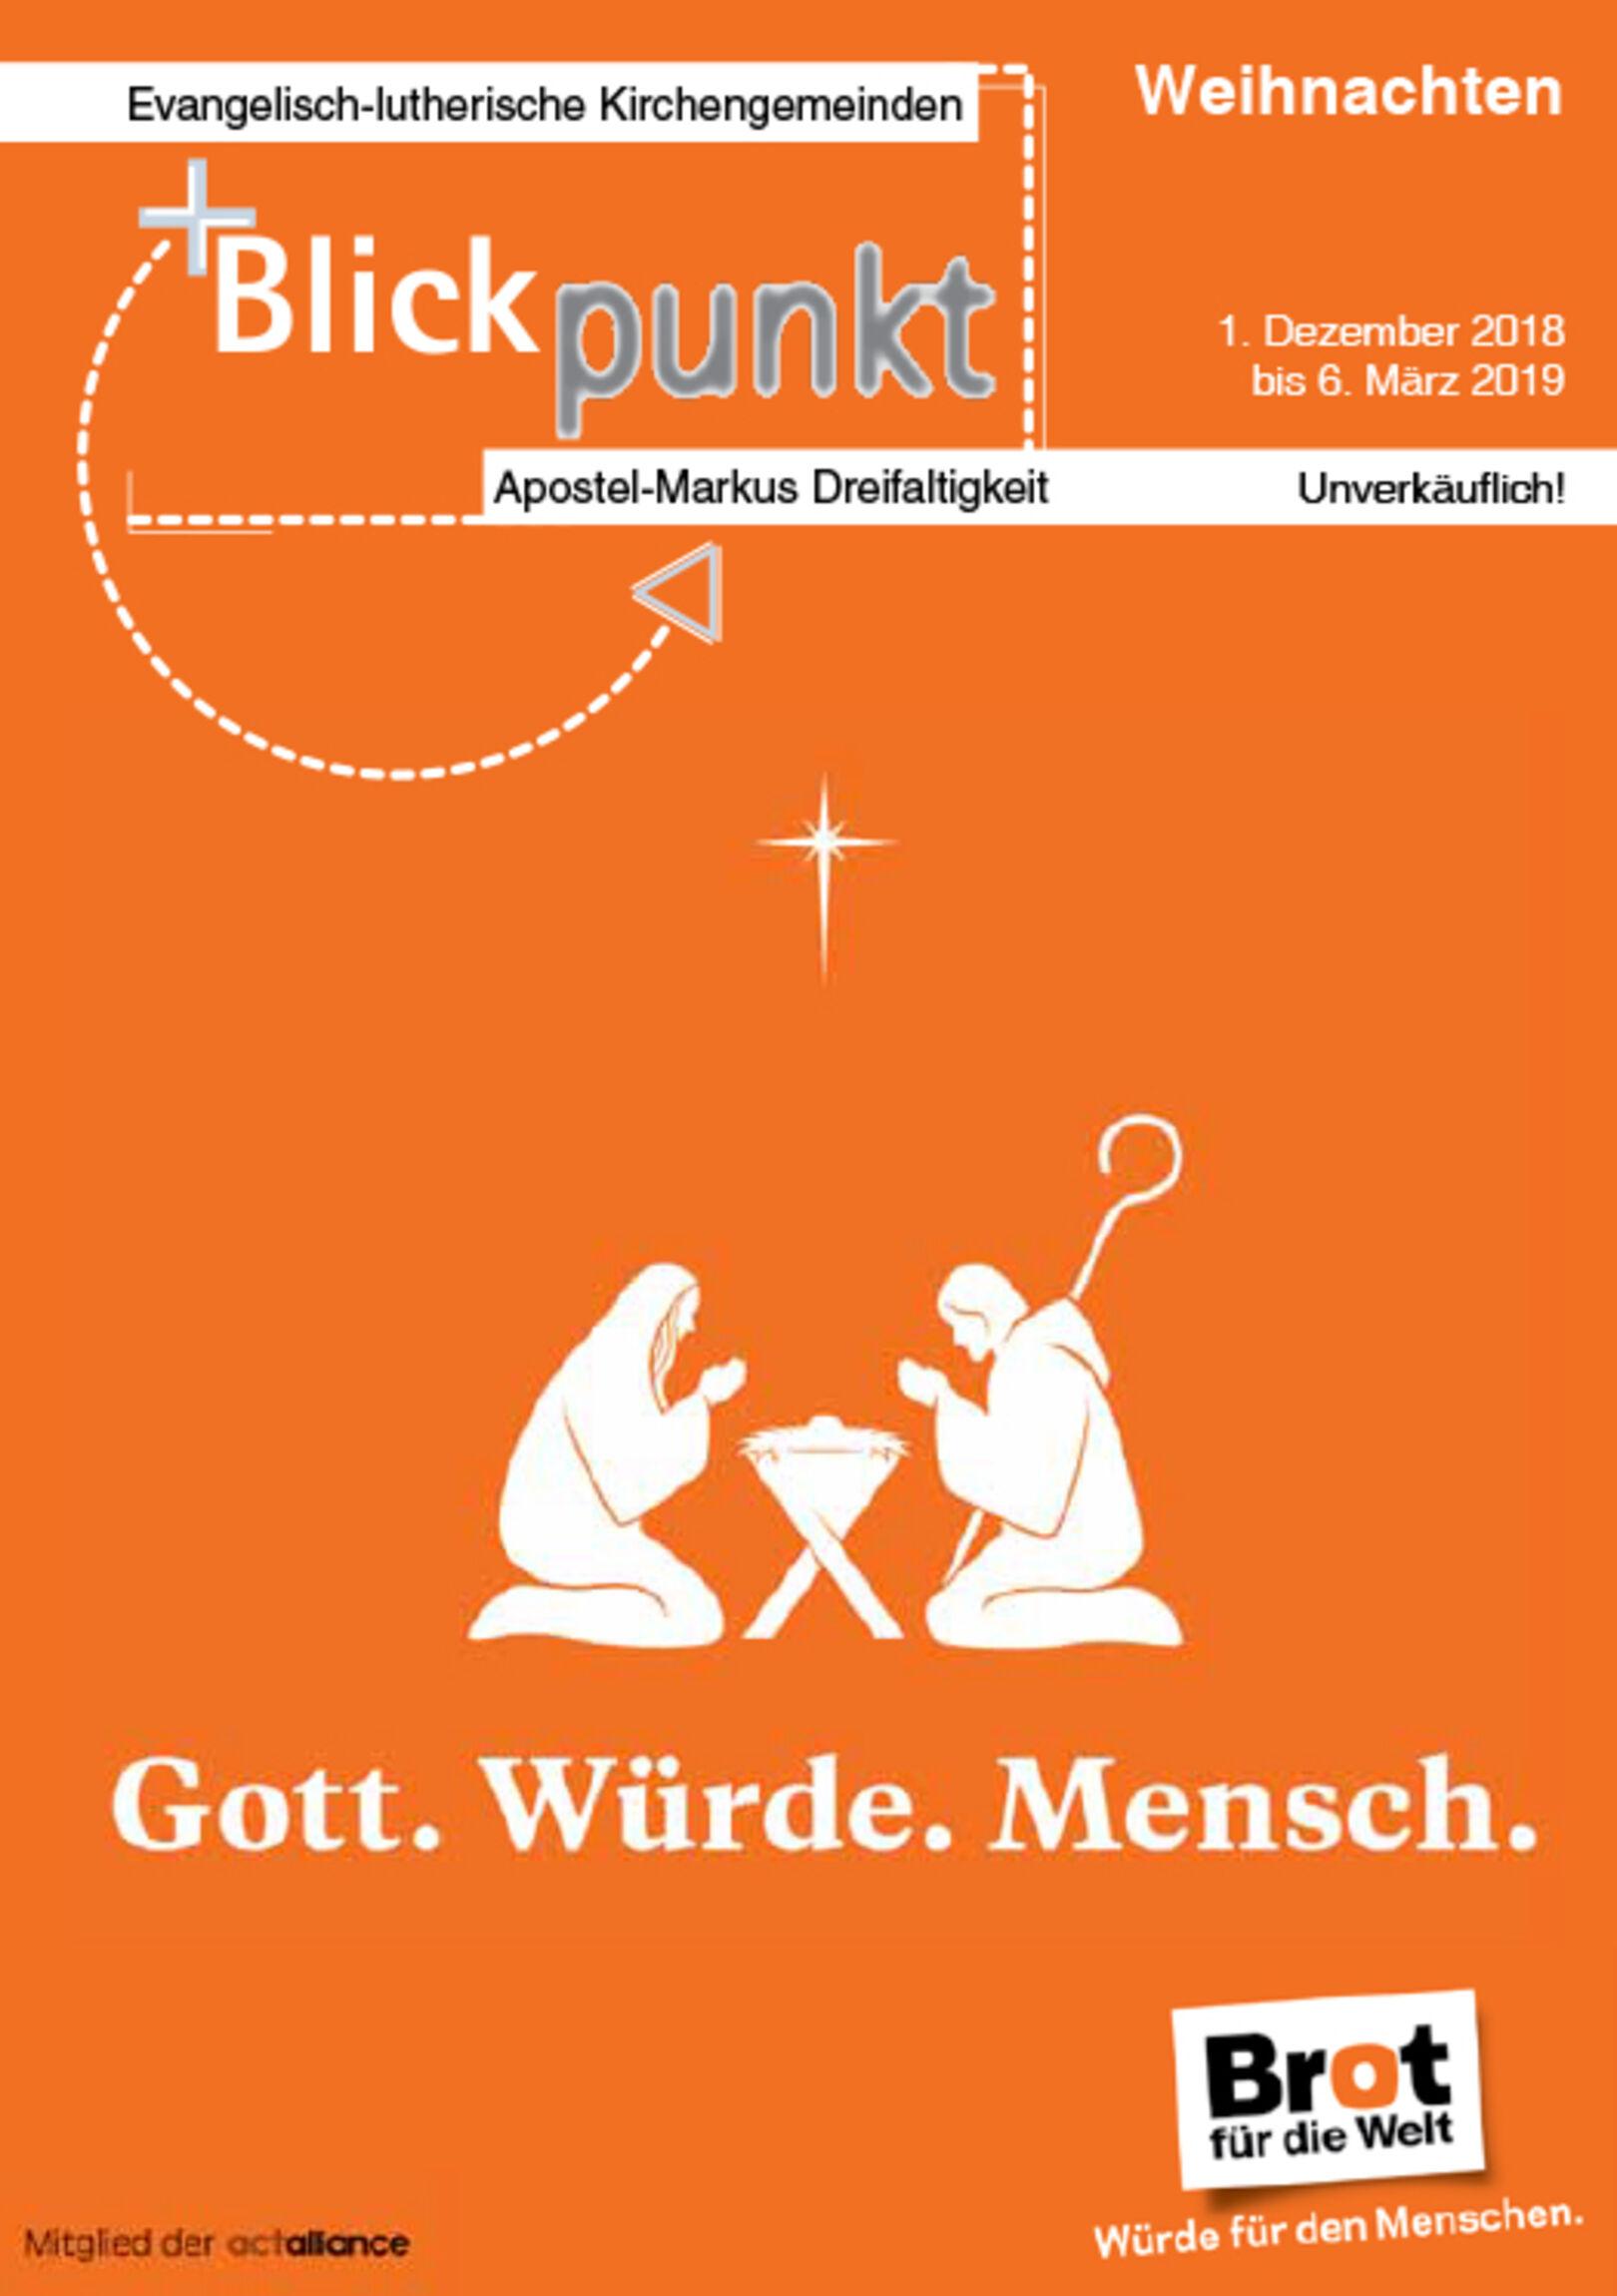 Konzerte Weihnachten 2019.Apostel Und Markus Gemeinde Hannover Der Neue Blickpunkt Ist